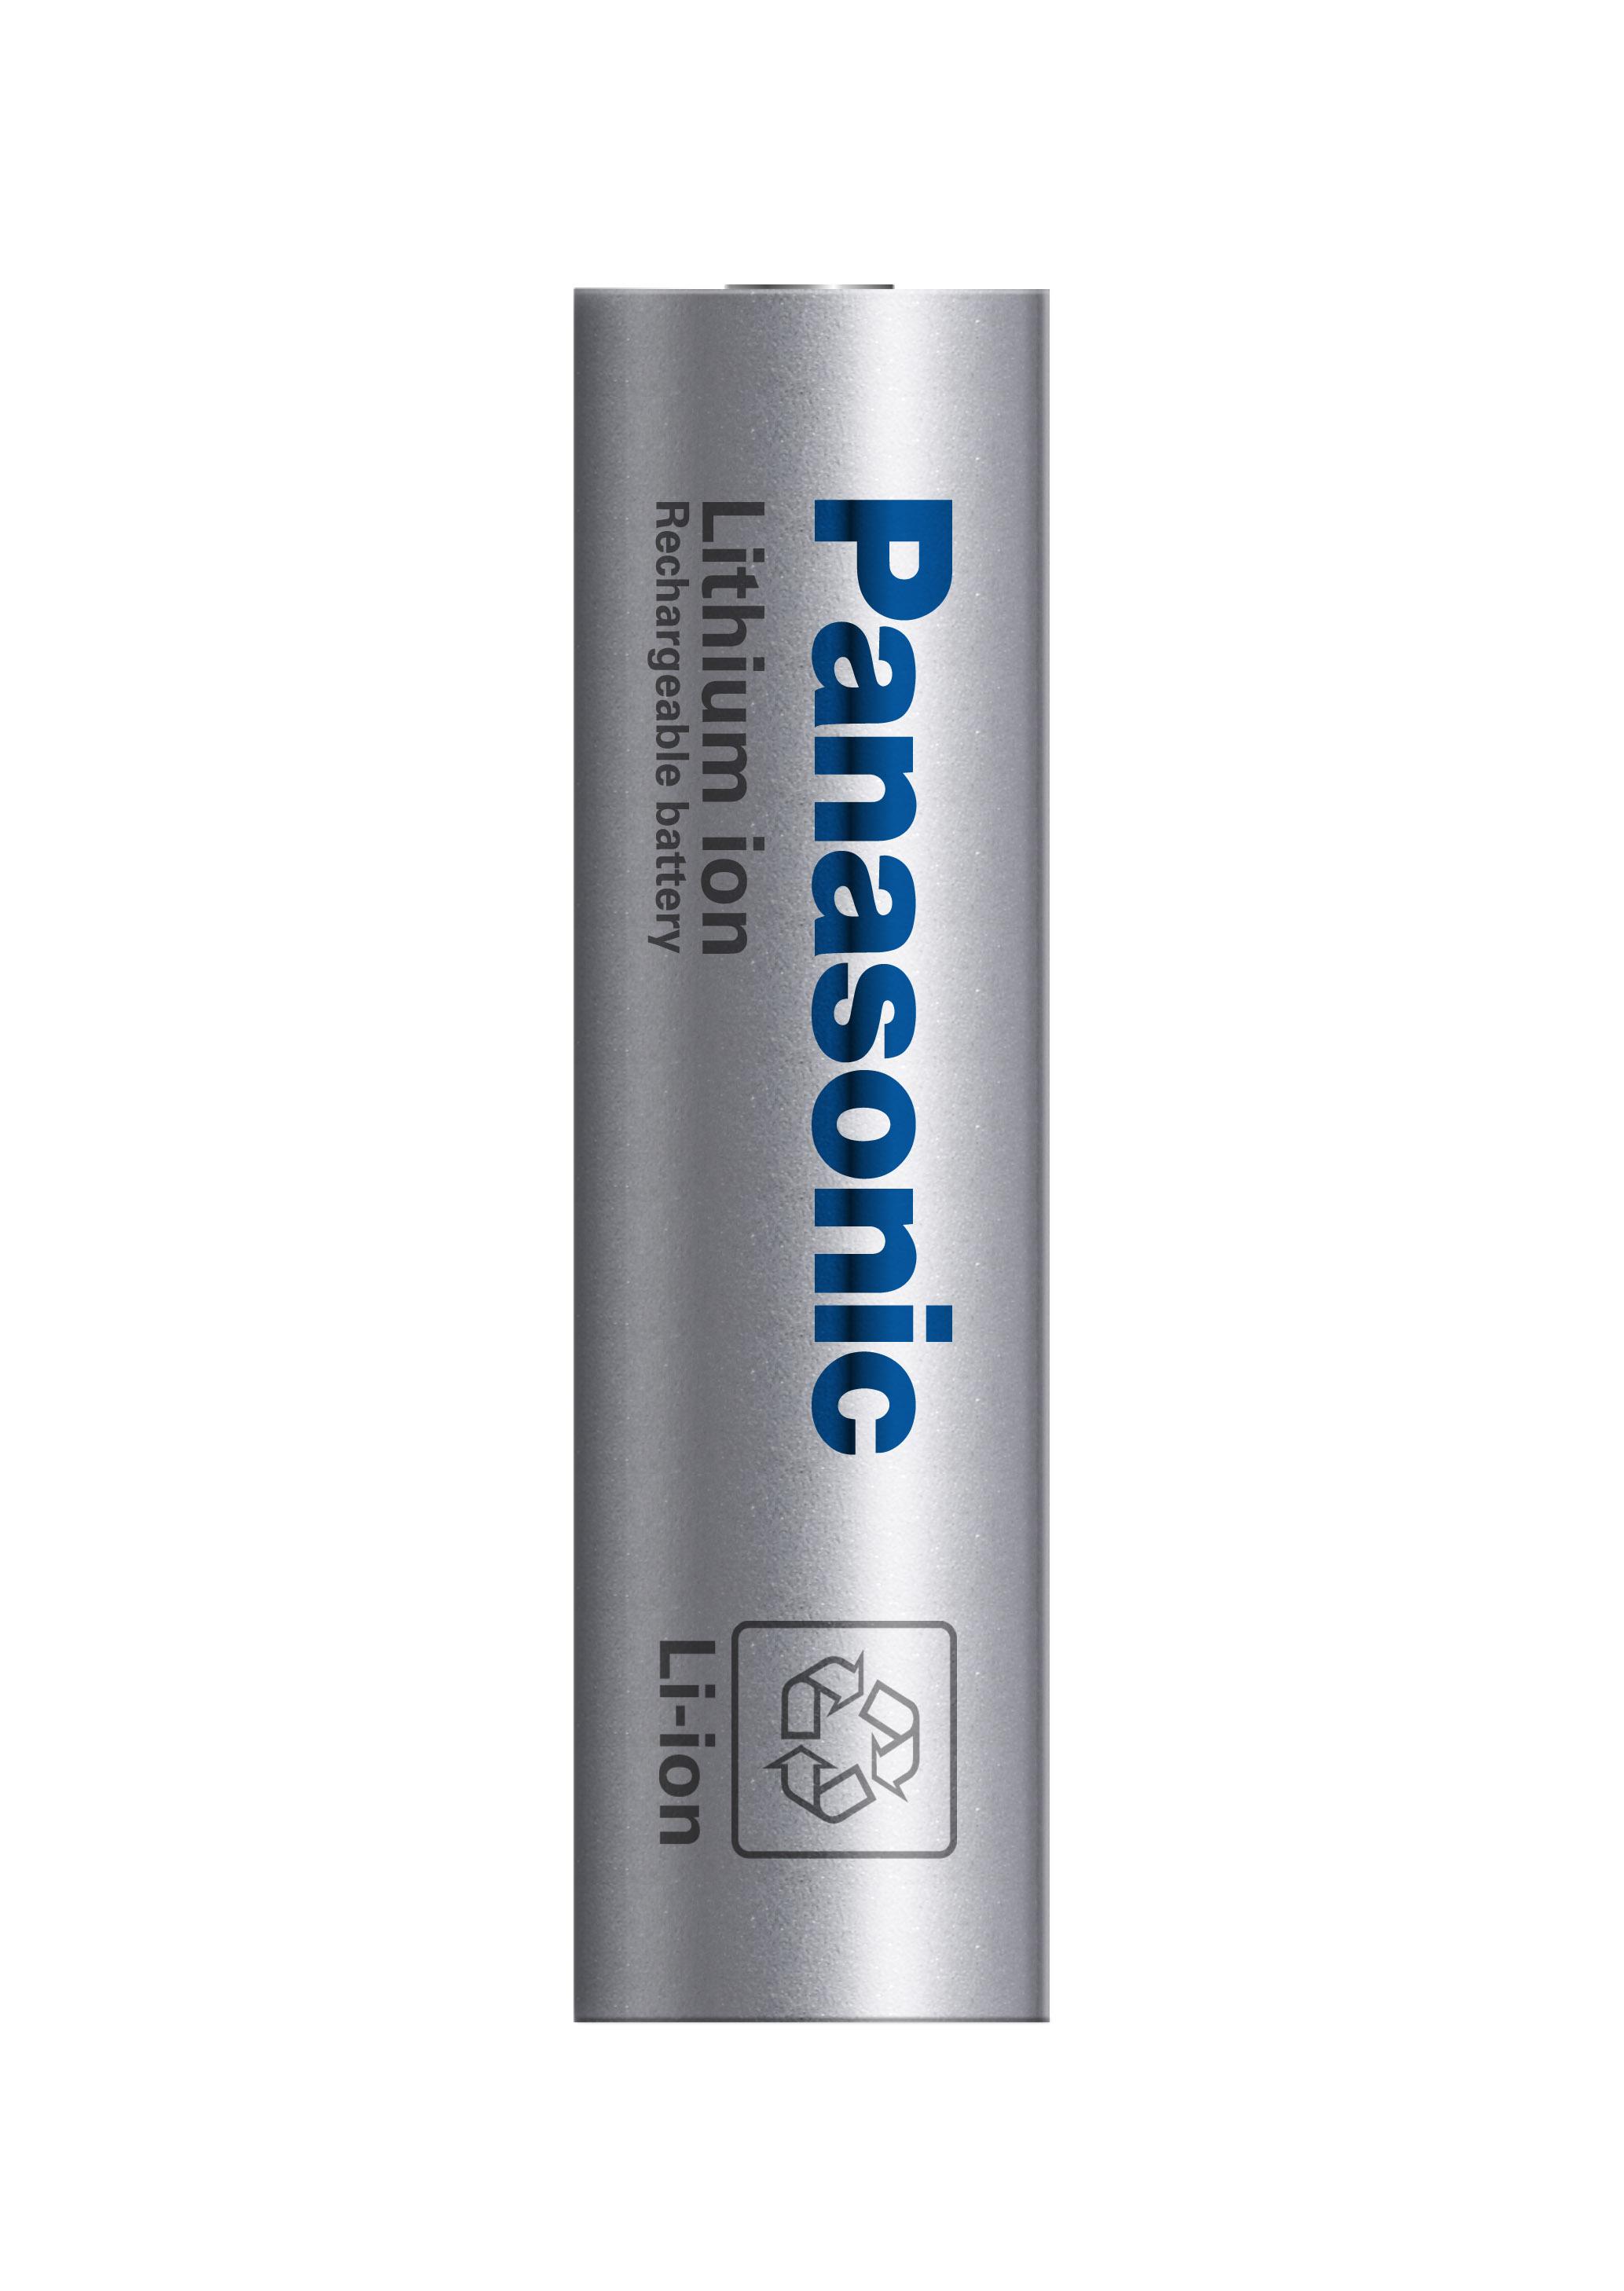 パナソニックのEV向け円筒形高容量リチウムイオン電池